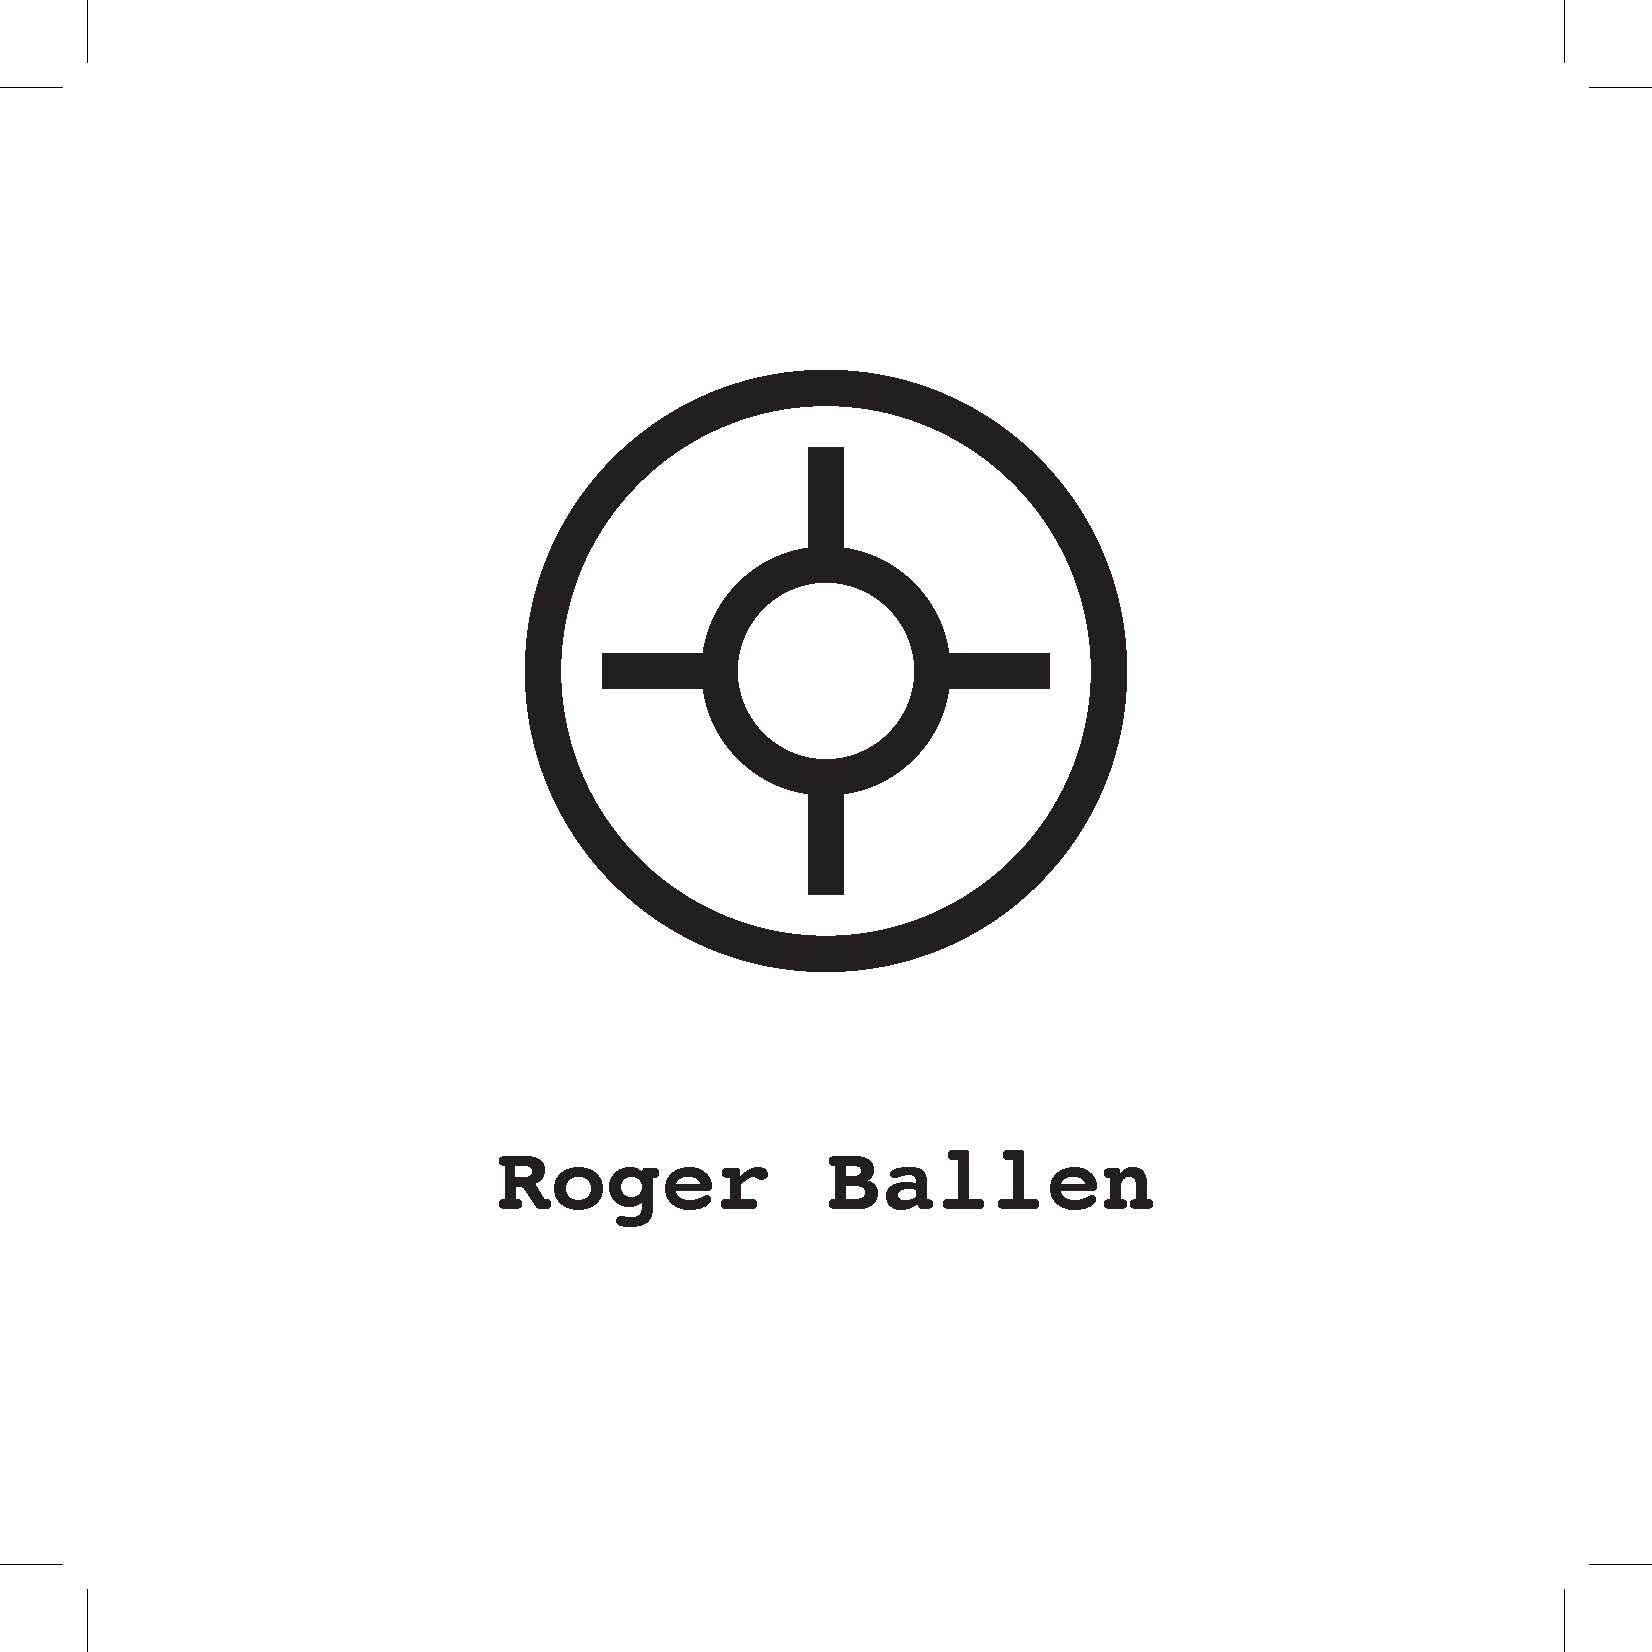 MAP Southafrica - Roger Ballen